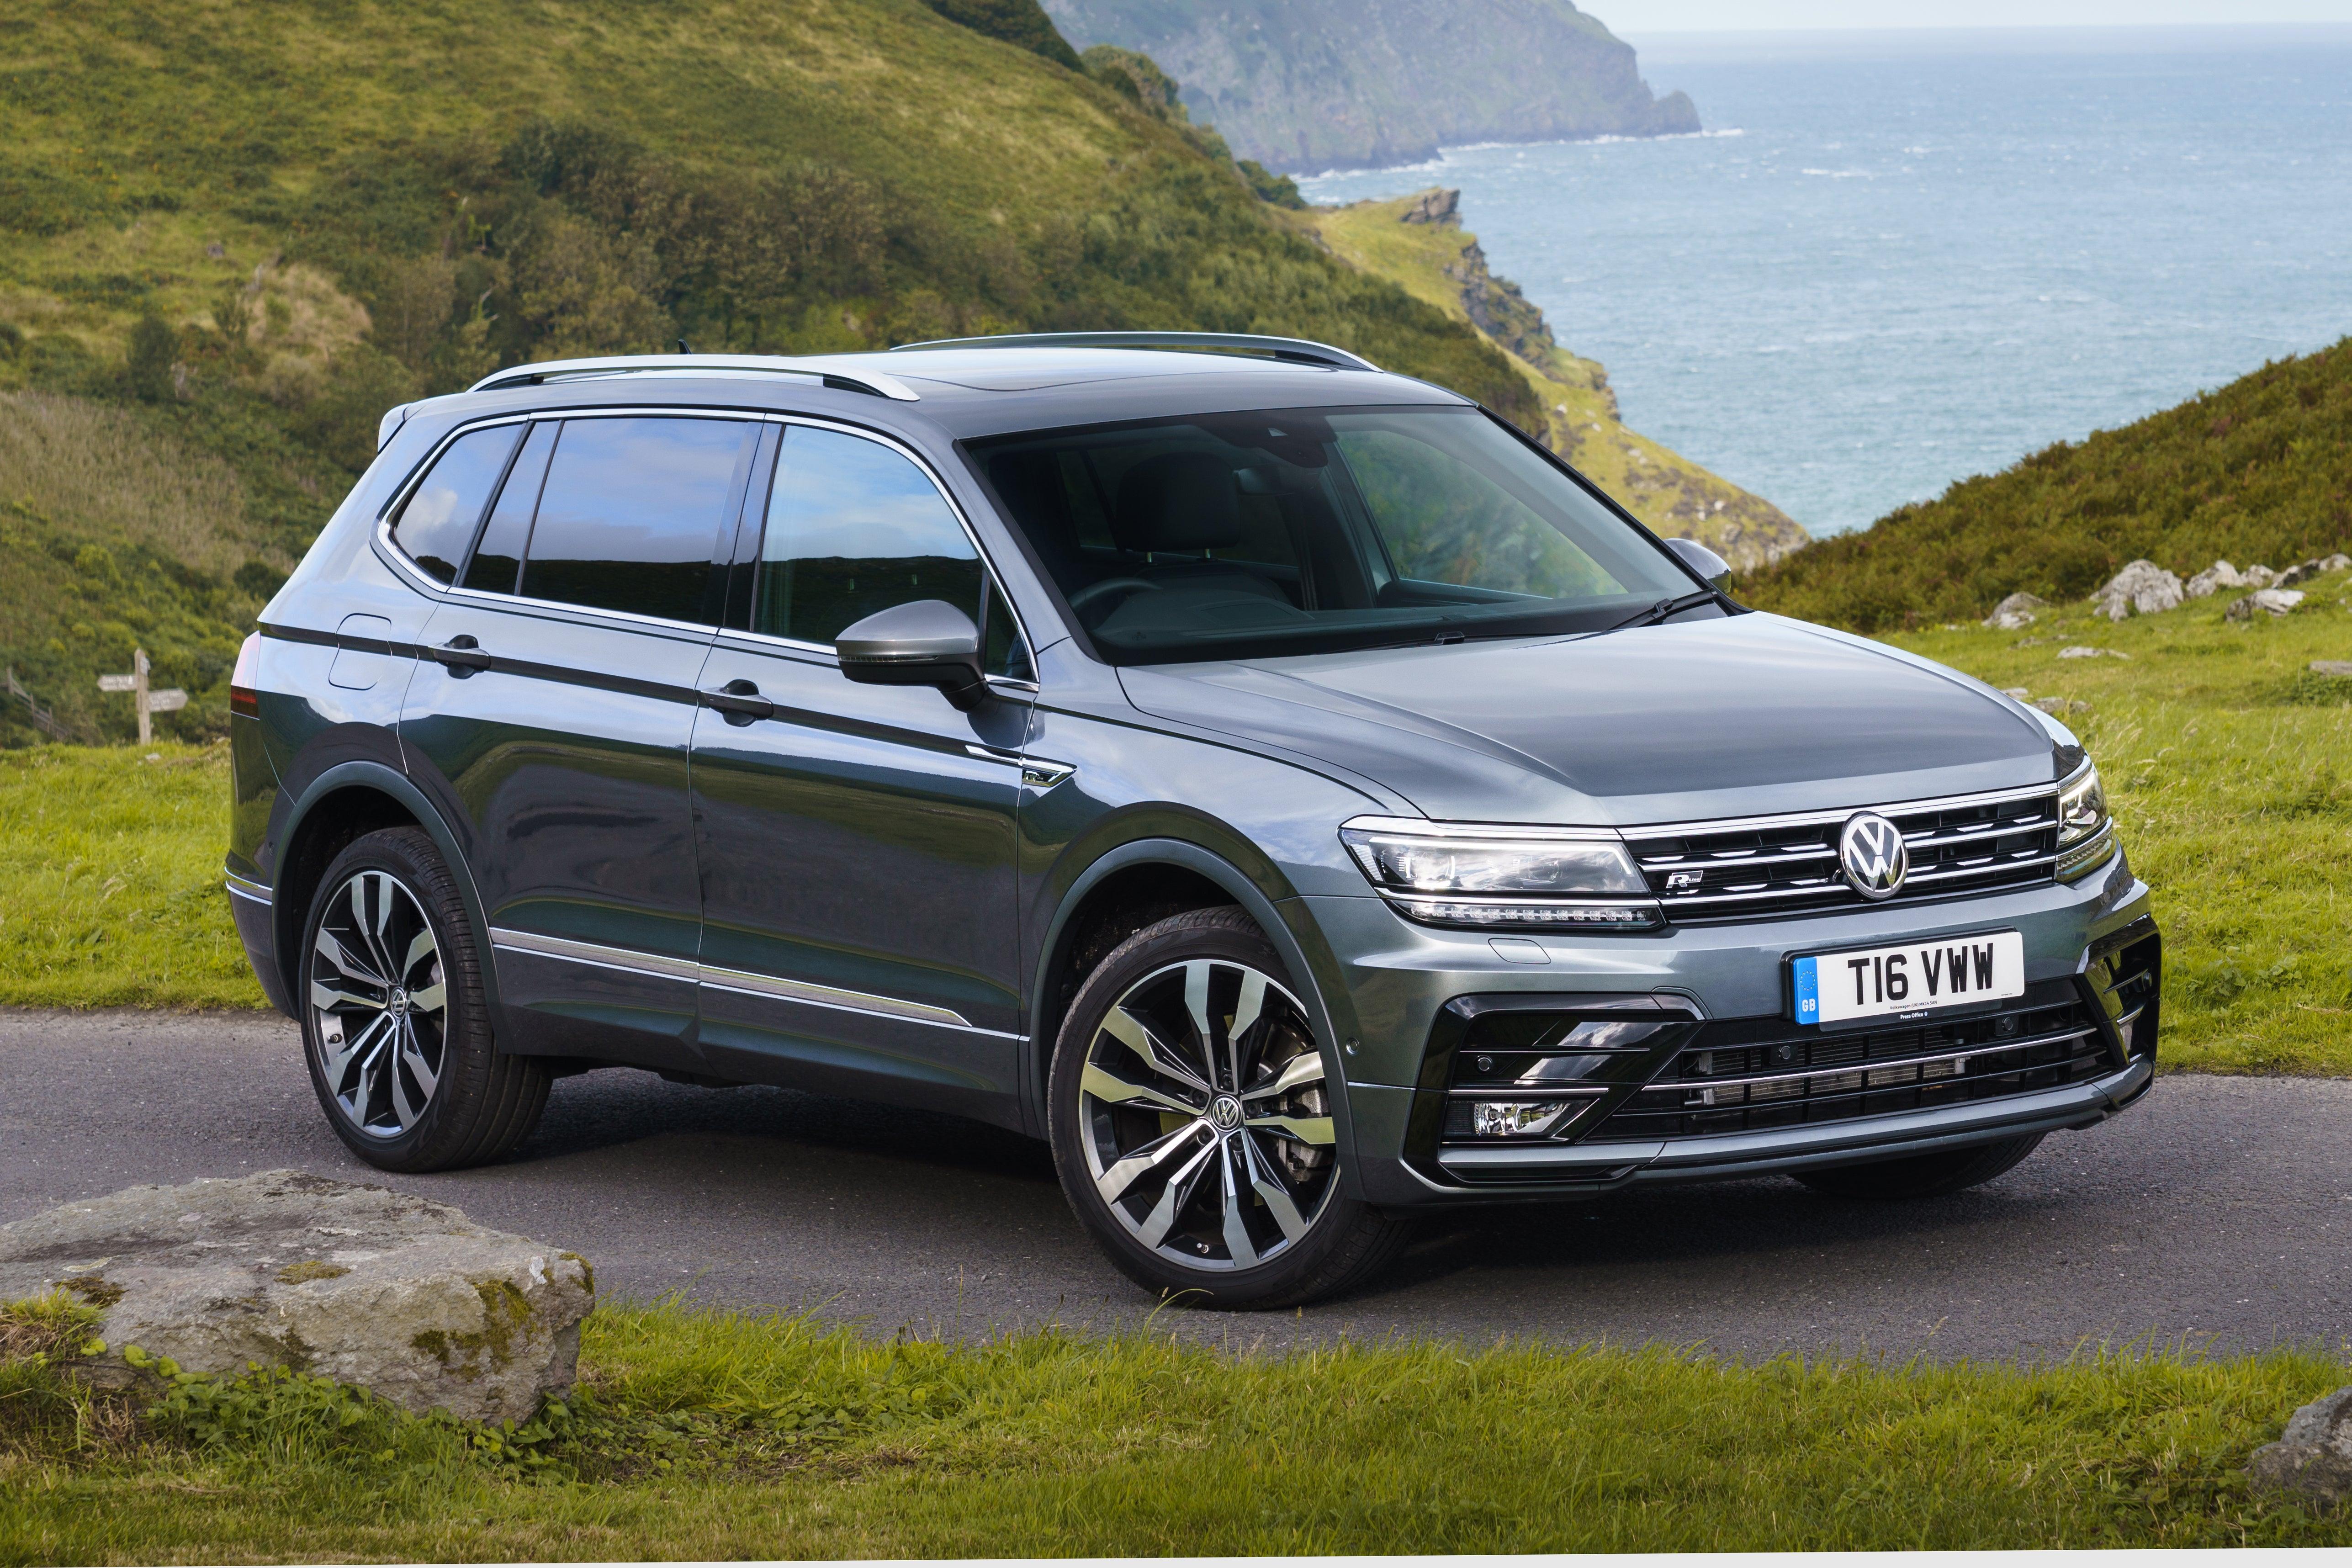 Volkswagen Tiguan Allspace Front Side View